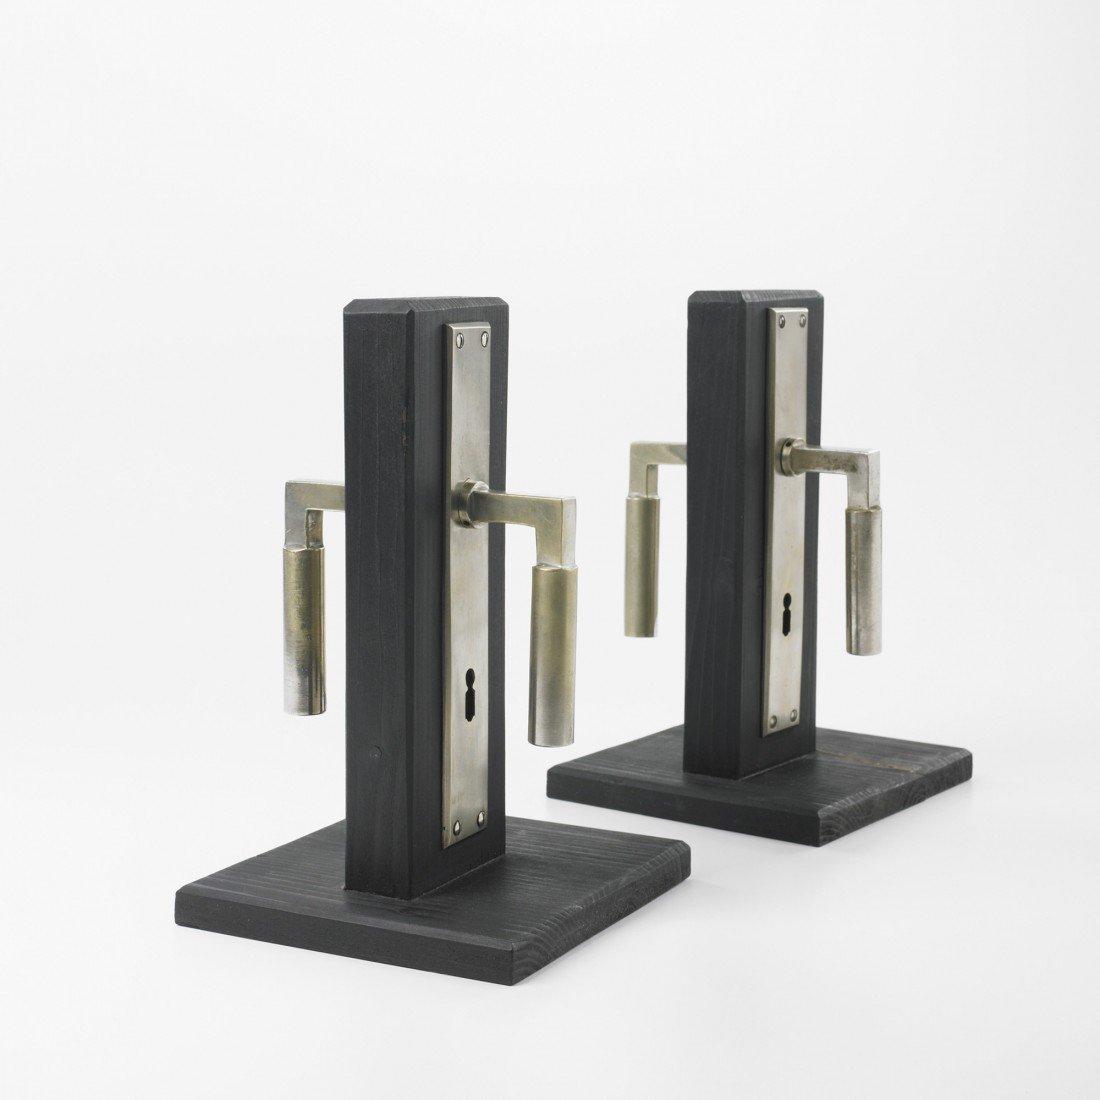 241: Walter Gropius door handles, two pairs